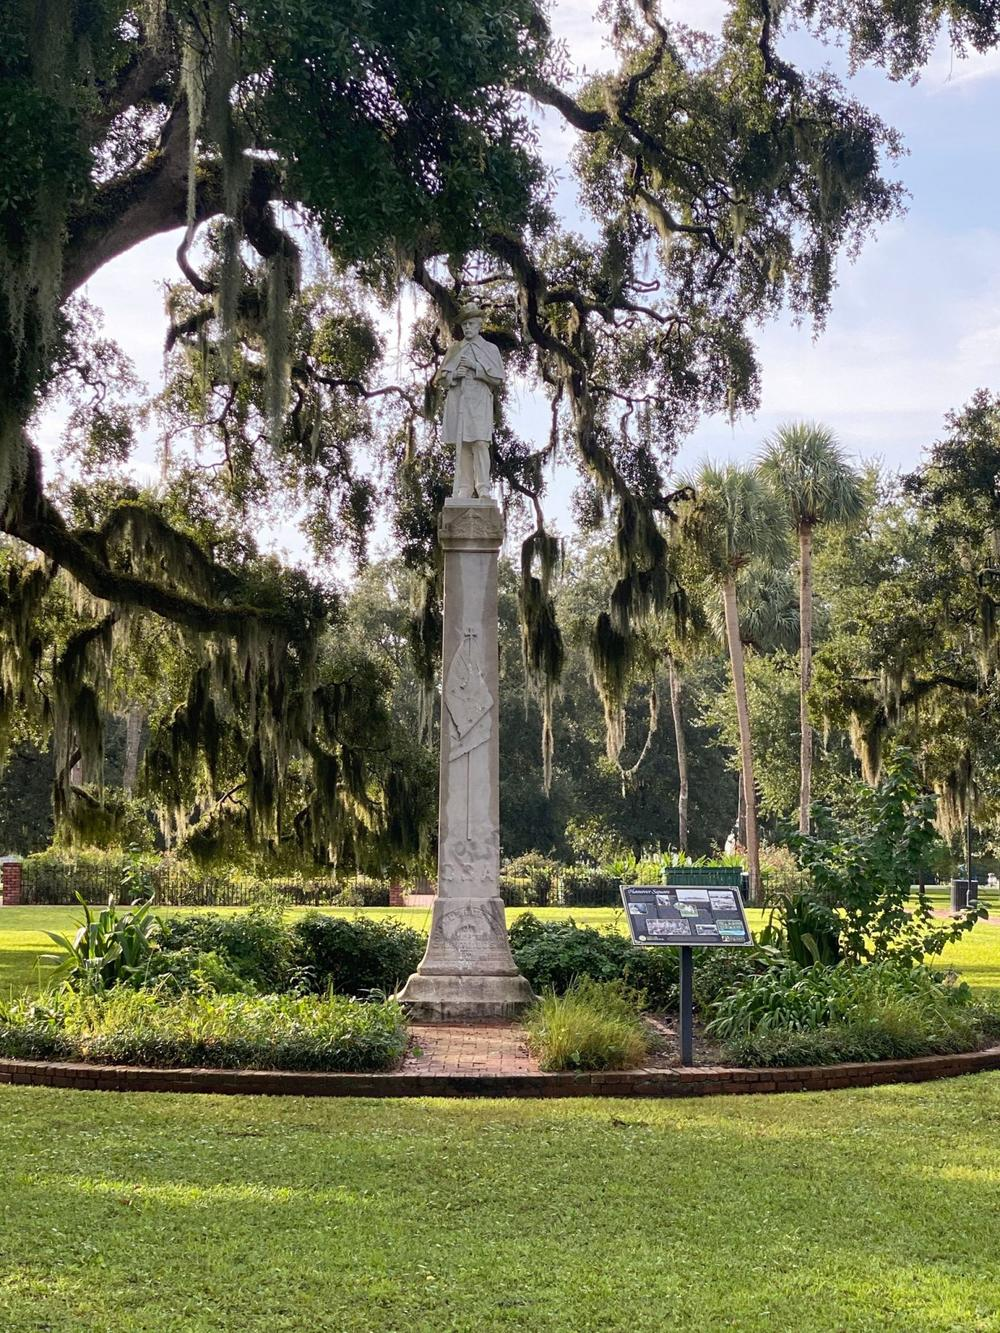 Confederate statue in Brunswick